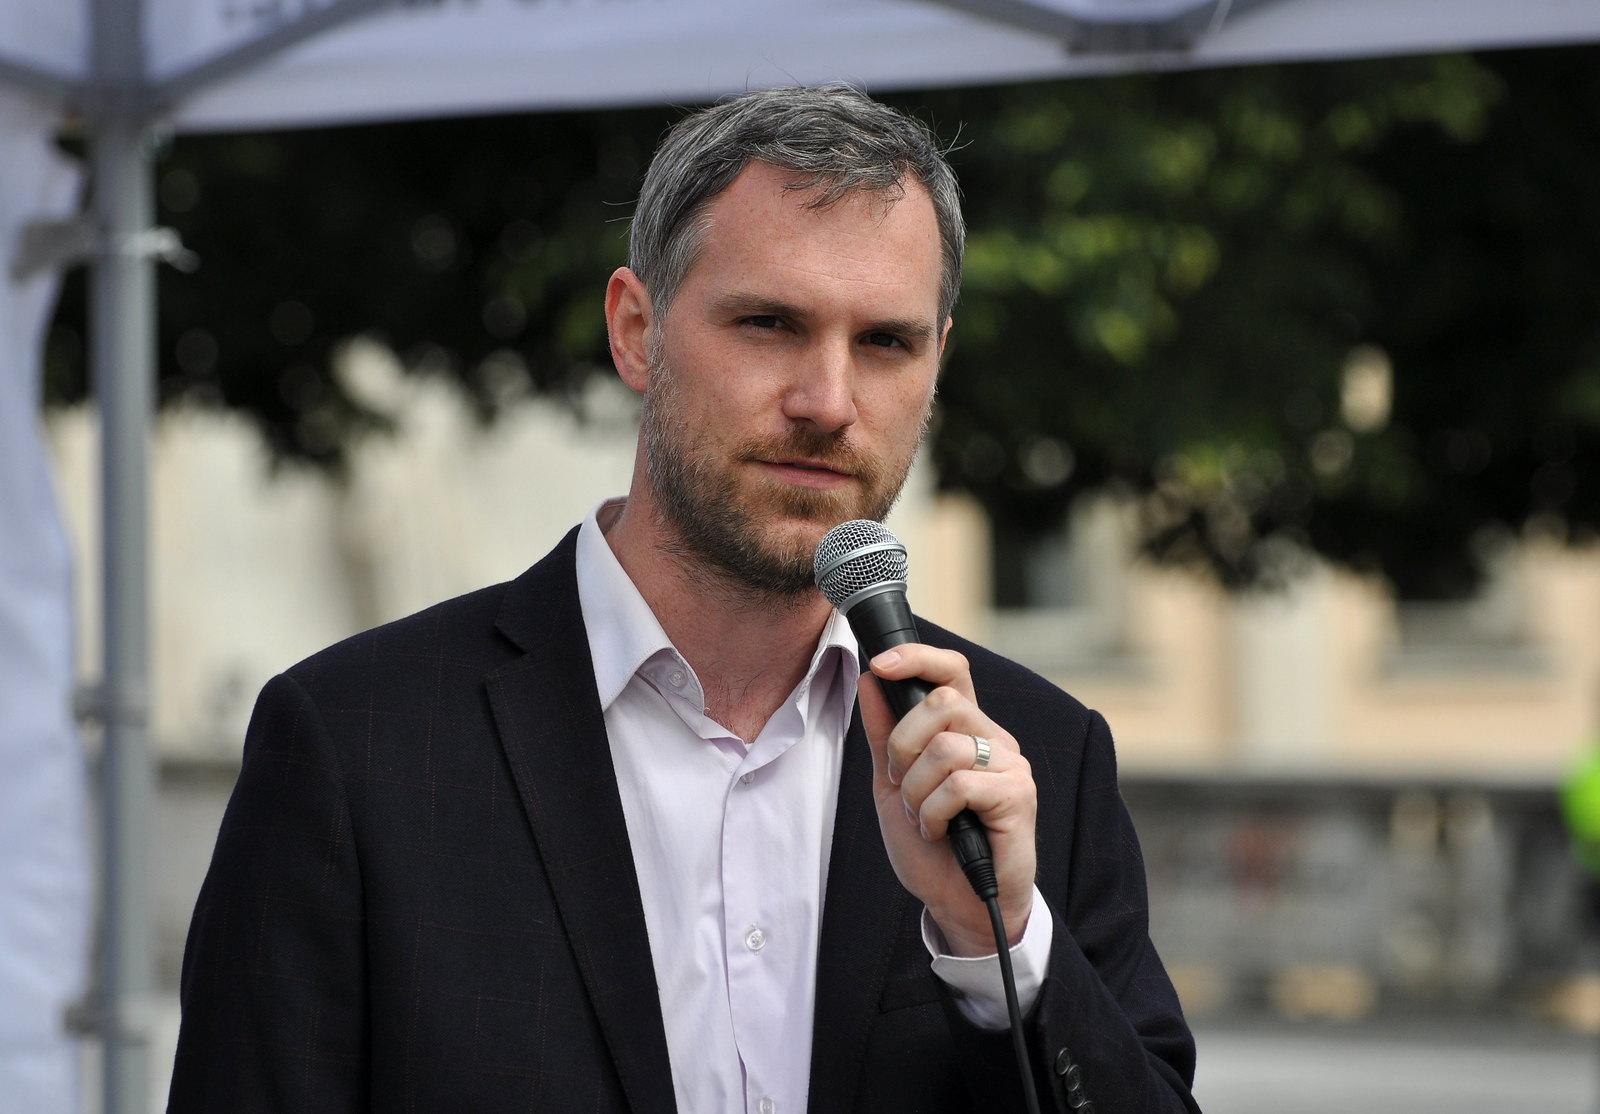 Greens: Mayor of Prague under threat